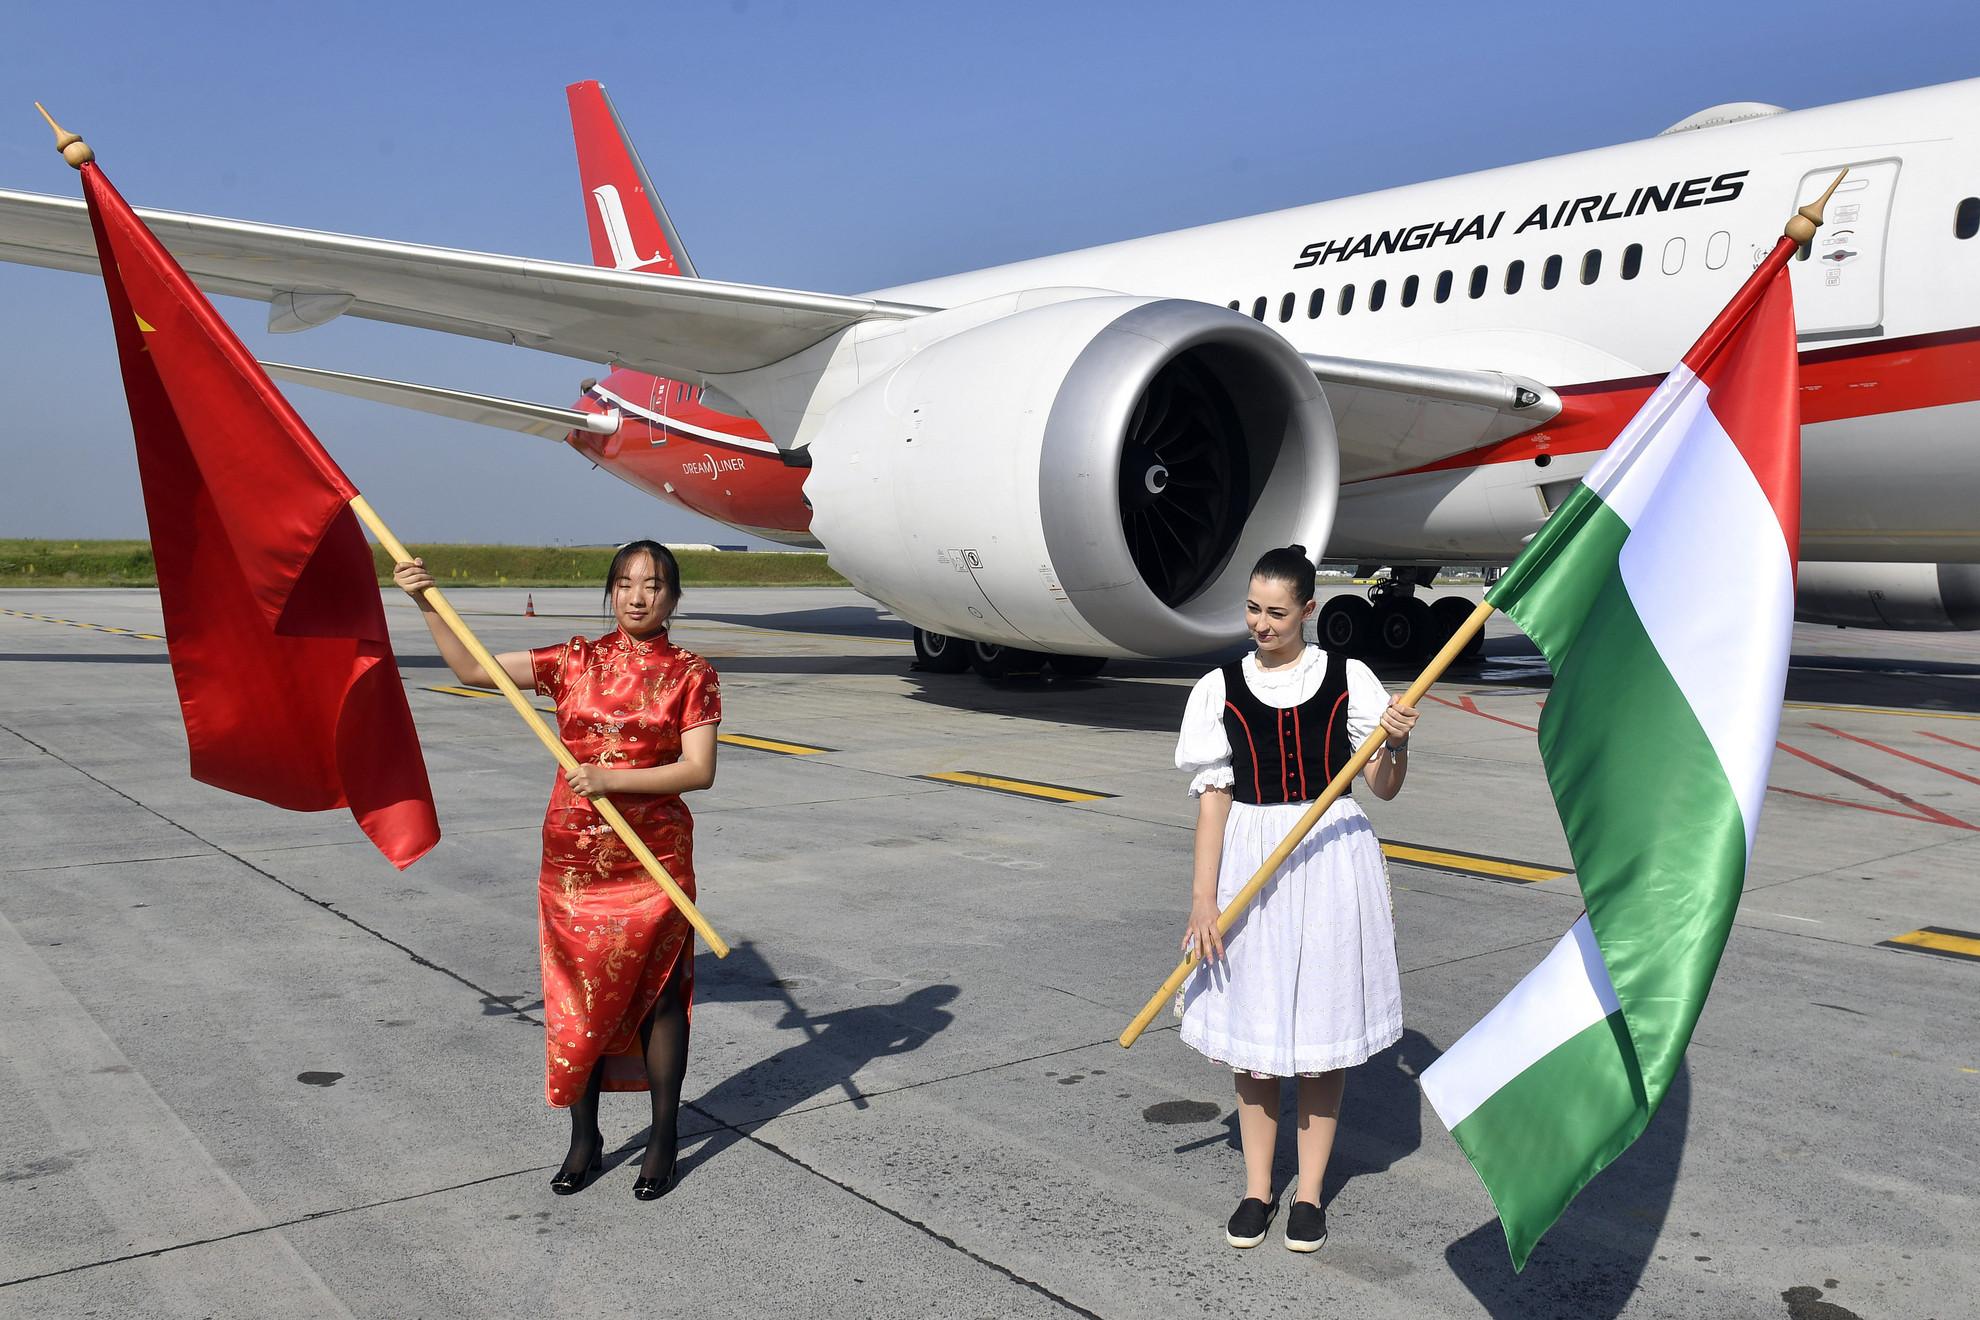 Magyar és kínai zászlóval köszöntik a Shanghai Airlines repülőgépét érkezése napján a Budapest Liszt Ferenc Nemzetközi Repülőtéren